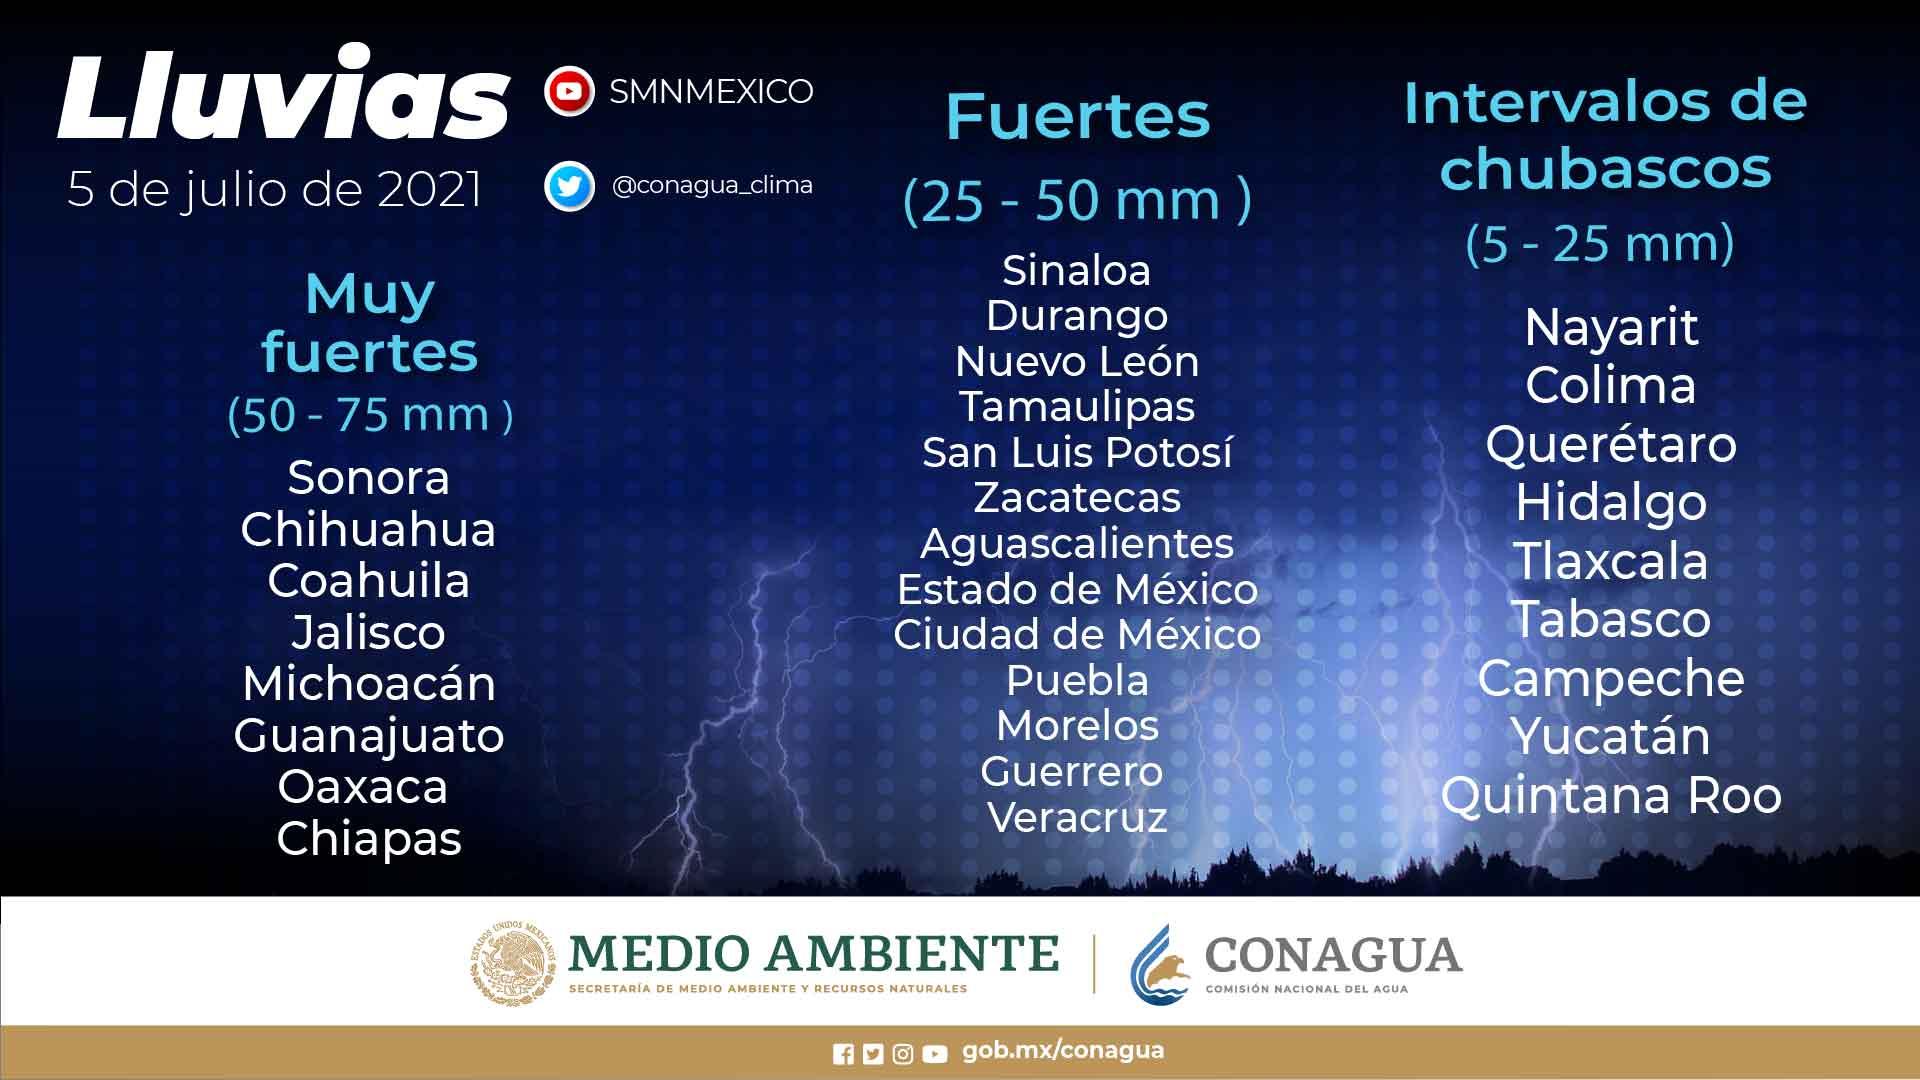 Continuarán las lluvias fuertes para Tlaxcala el dia de hoy, tómelo en cuenta